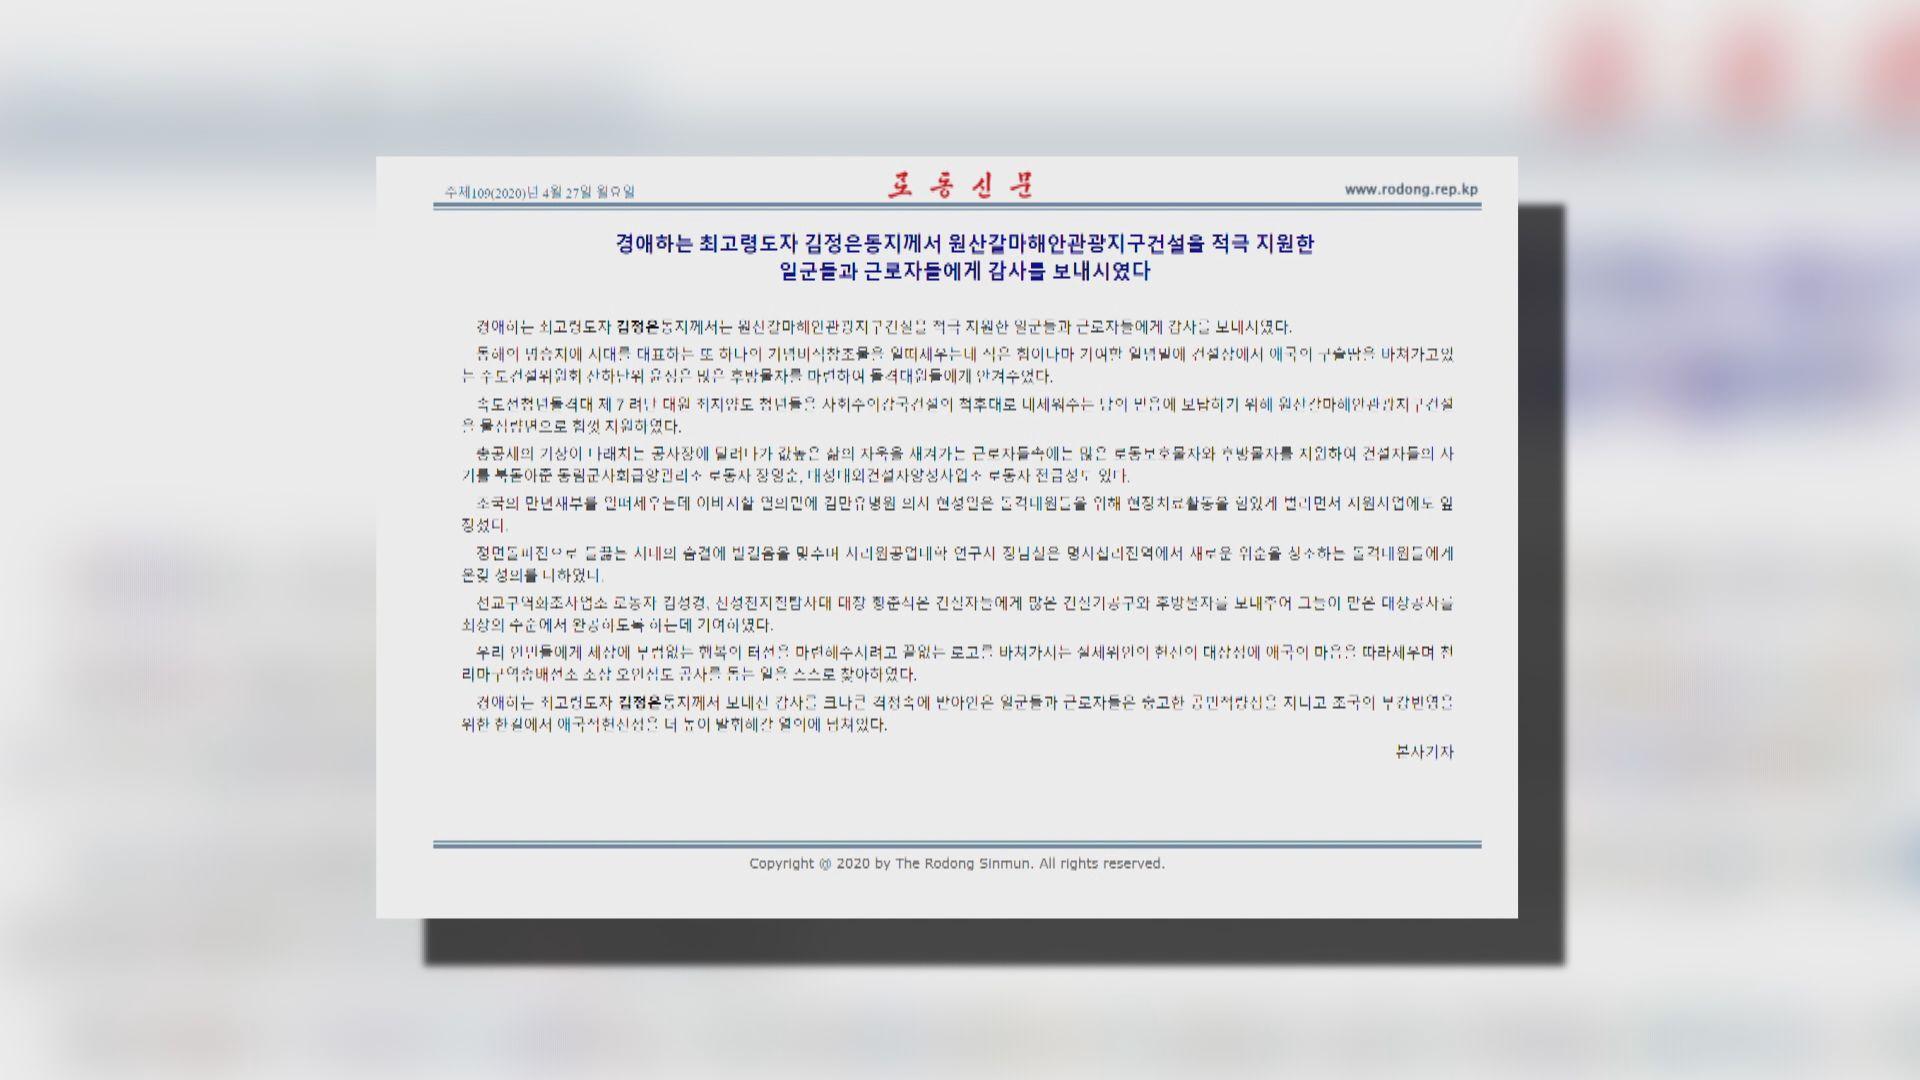 北韓官方傳媒再報道金正恩消息 惟未有附其照片